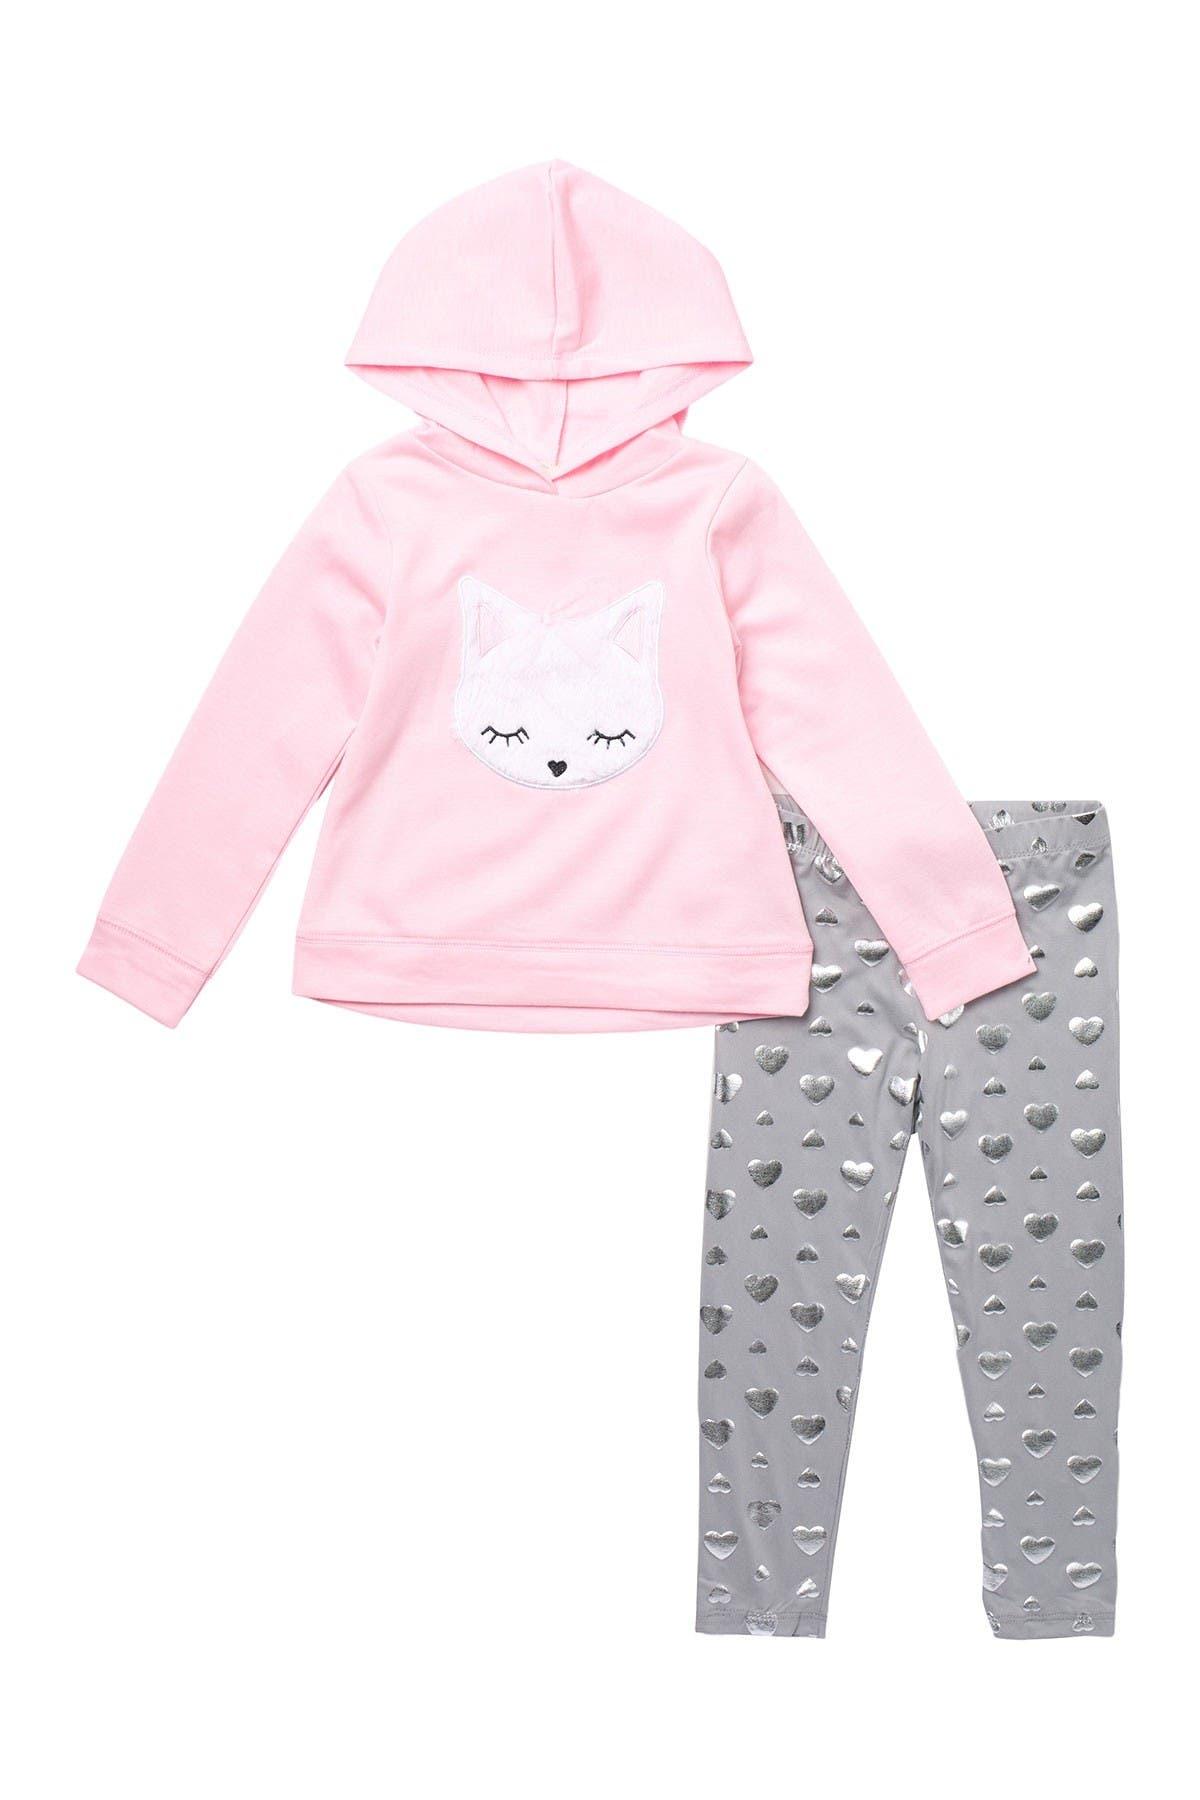 Image of Btween Heart & Cat Printed Hoodie & Leggings 2-Piece Set